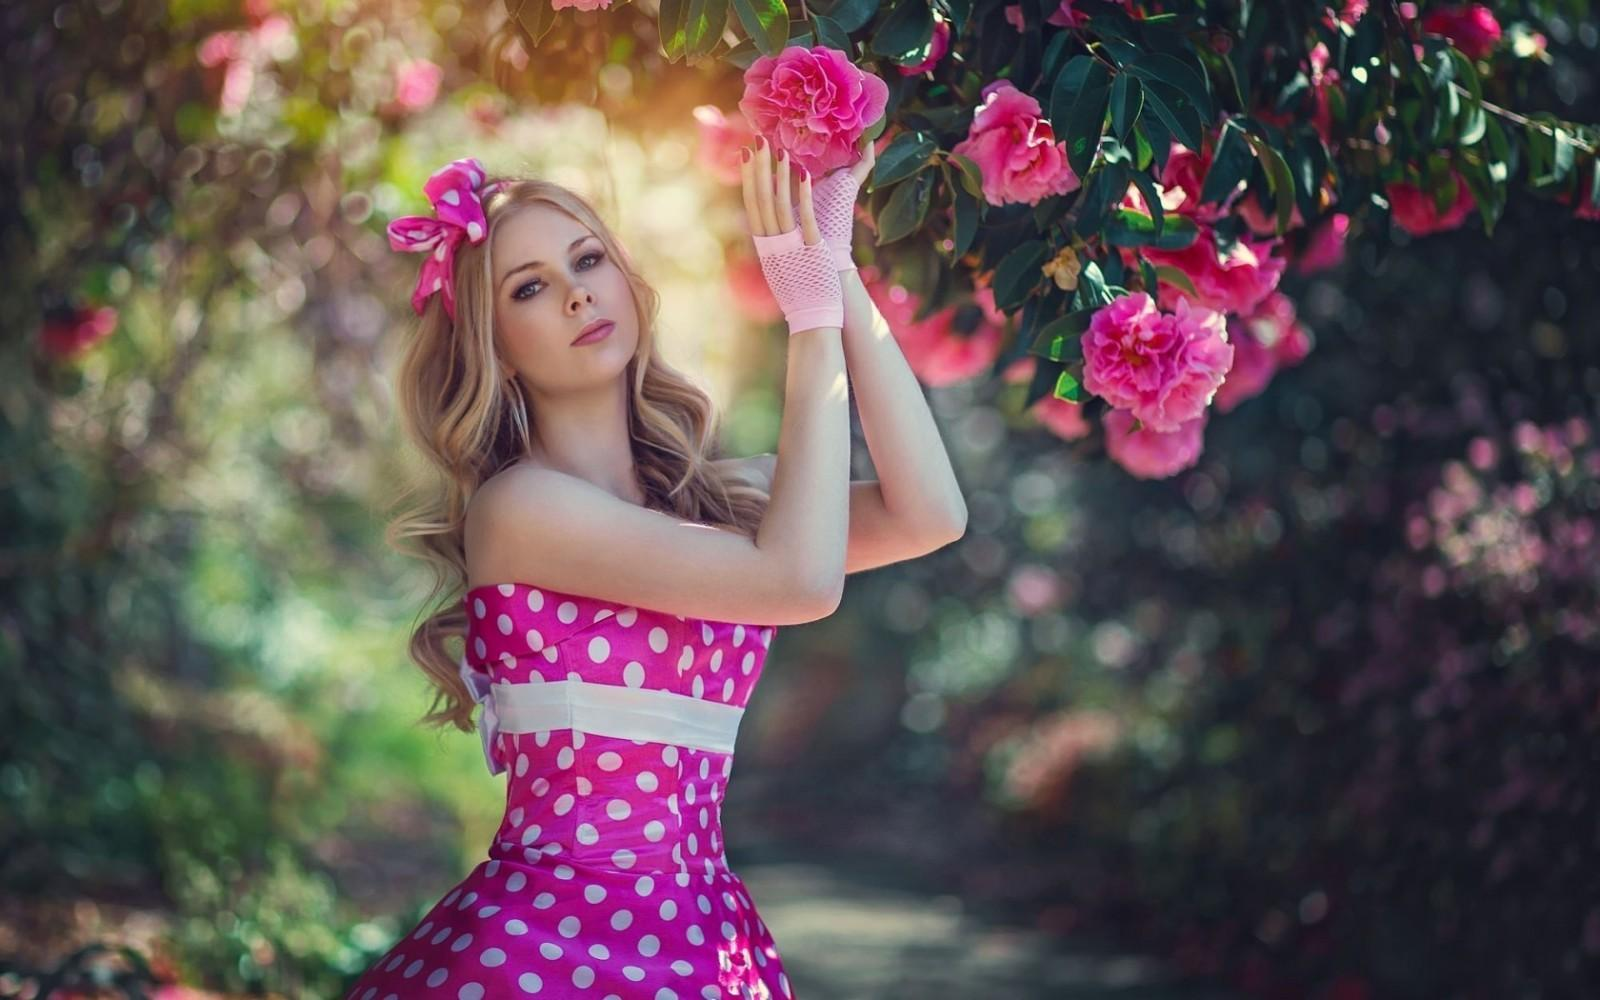 женщины, модель, блондинка, цветы, Фотография, платье, Розовый, весна, цветок, Красоту, фотография, 1680x1050 px, фотосессия, Эра айвин